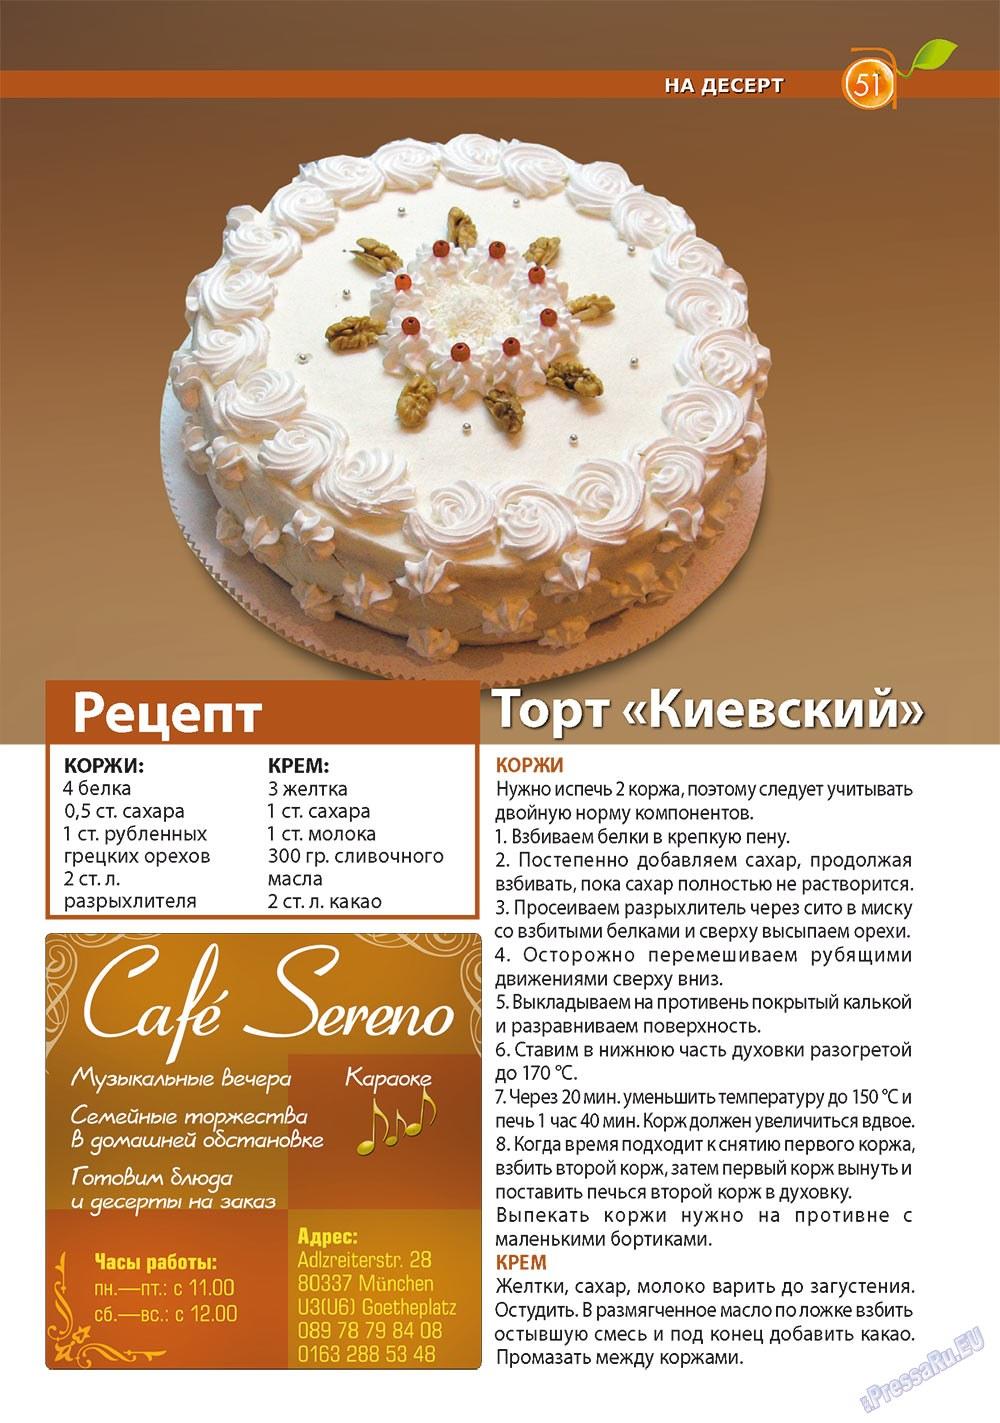 Апельсин (журнал). 2012 год, номер 31, стр. 51